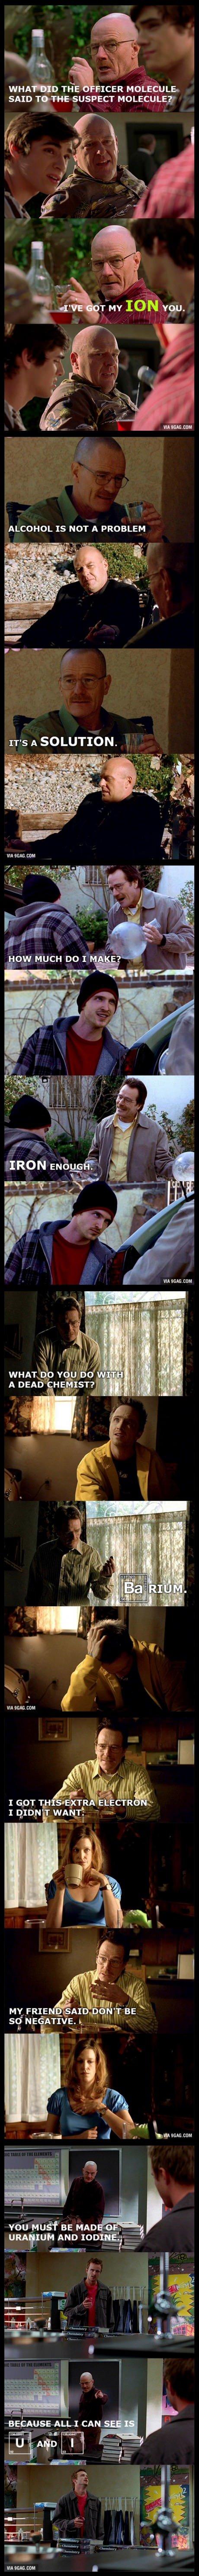 Walt should have made more chem jokes. . WHA' Tris FACER MOLECULE- SAID TOTHE SUSPECT MOLECULE? ALCOHOL IS NOT A PROBLEM IRON emilys, sit f eit' s, poulsbo m ne